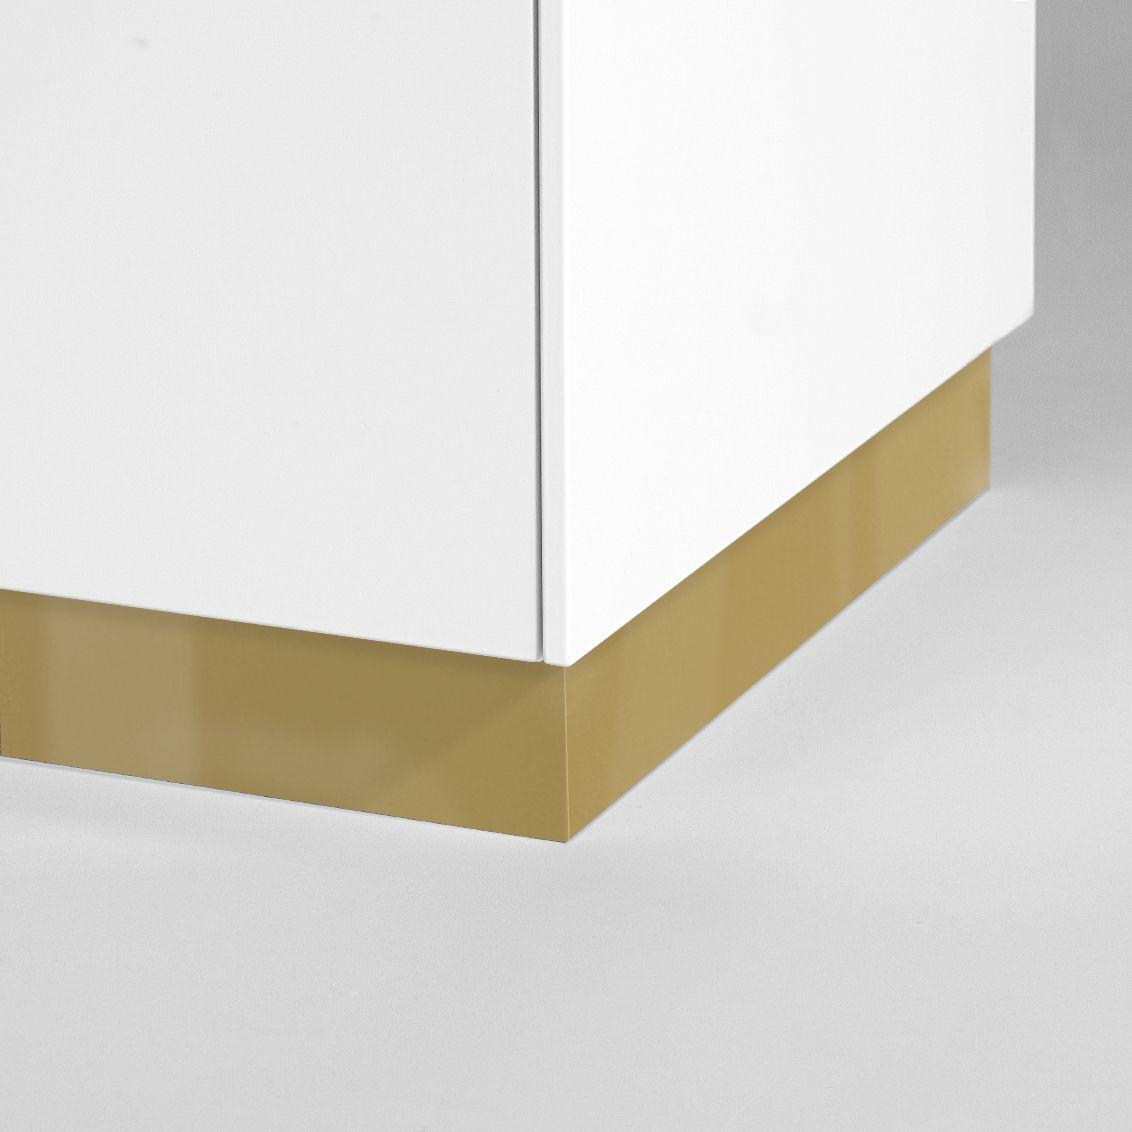 Plinthe En Laiton Pour Ikea Metod Dimension Height 8 Cm Length